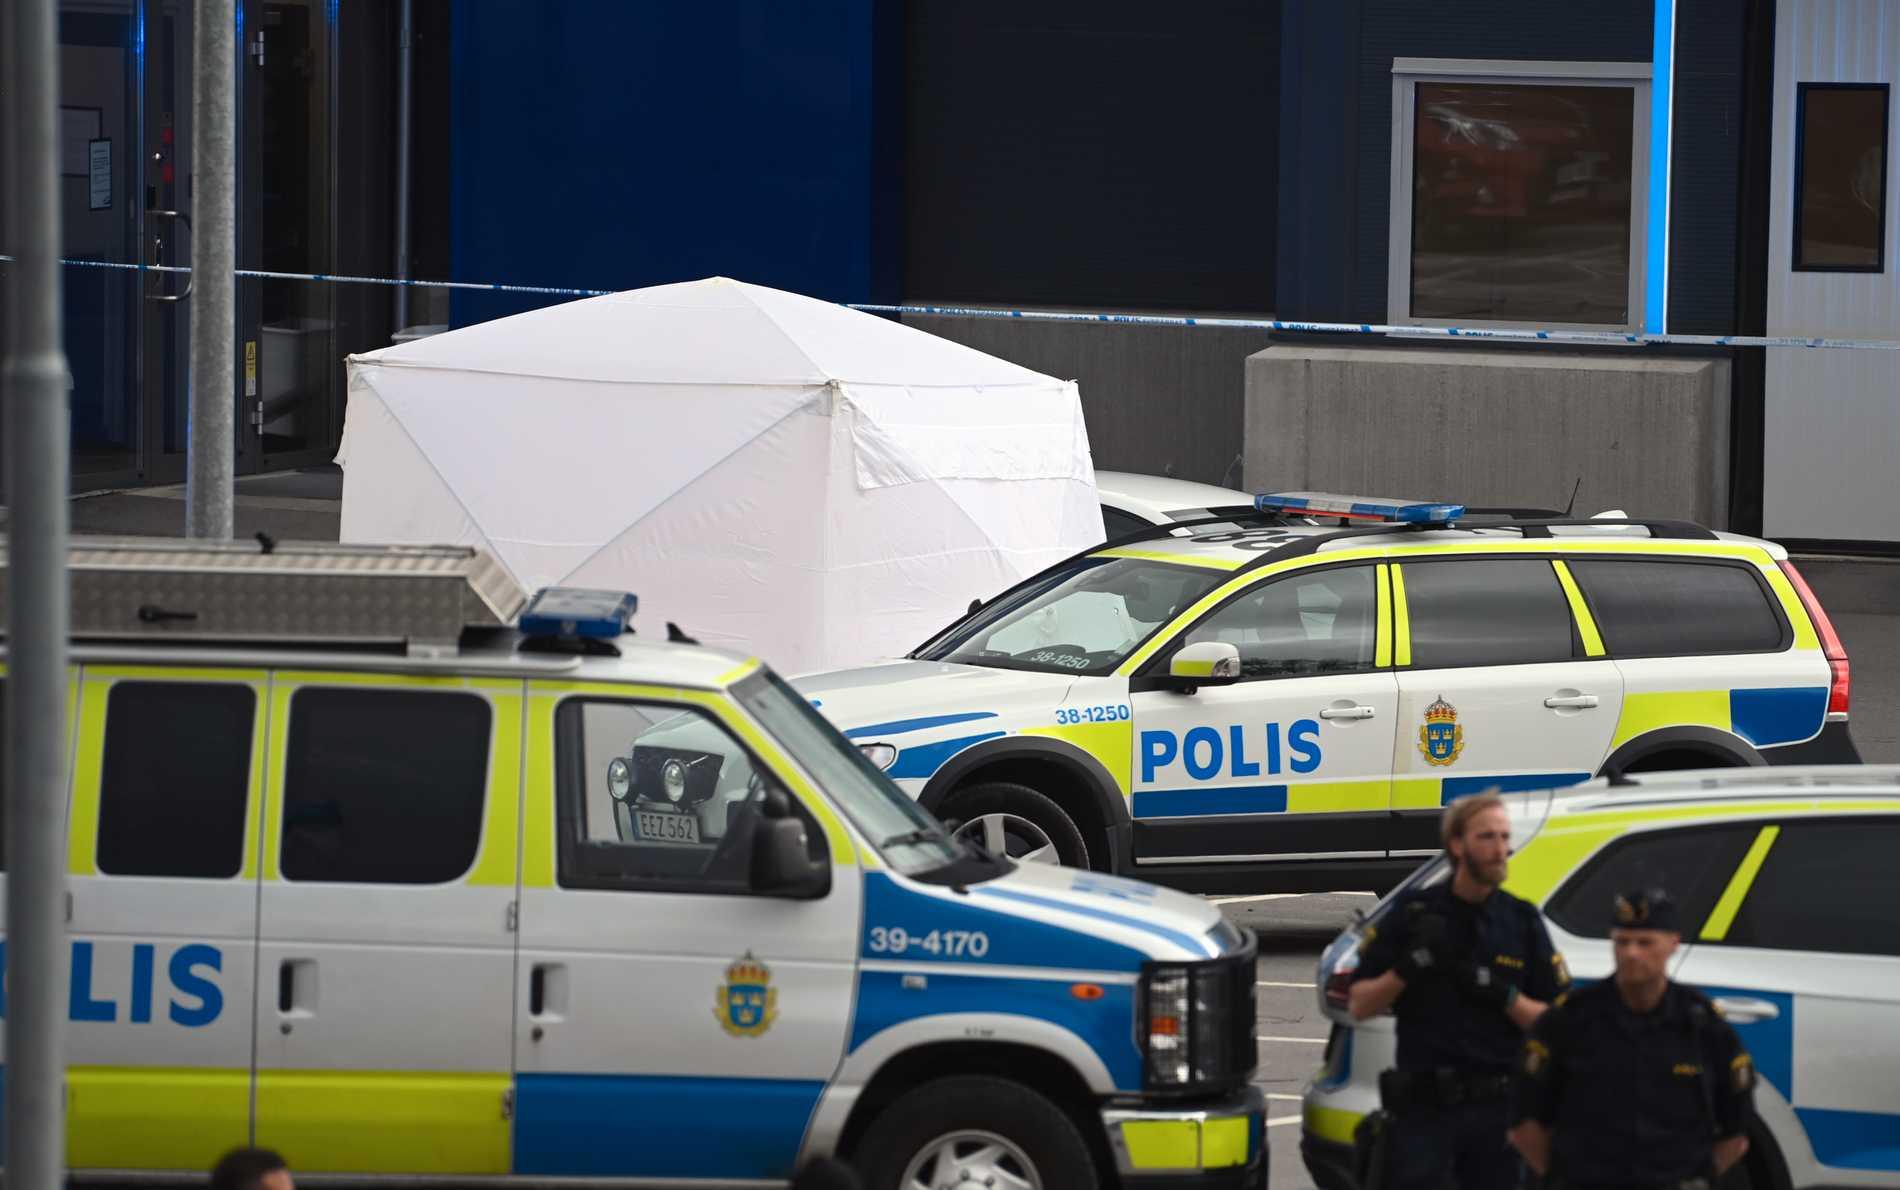 En man har har blivit skjuten vid ett gym i Södertälje. Kriminaltekniker har satt upp ett tält.